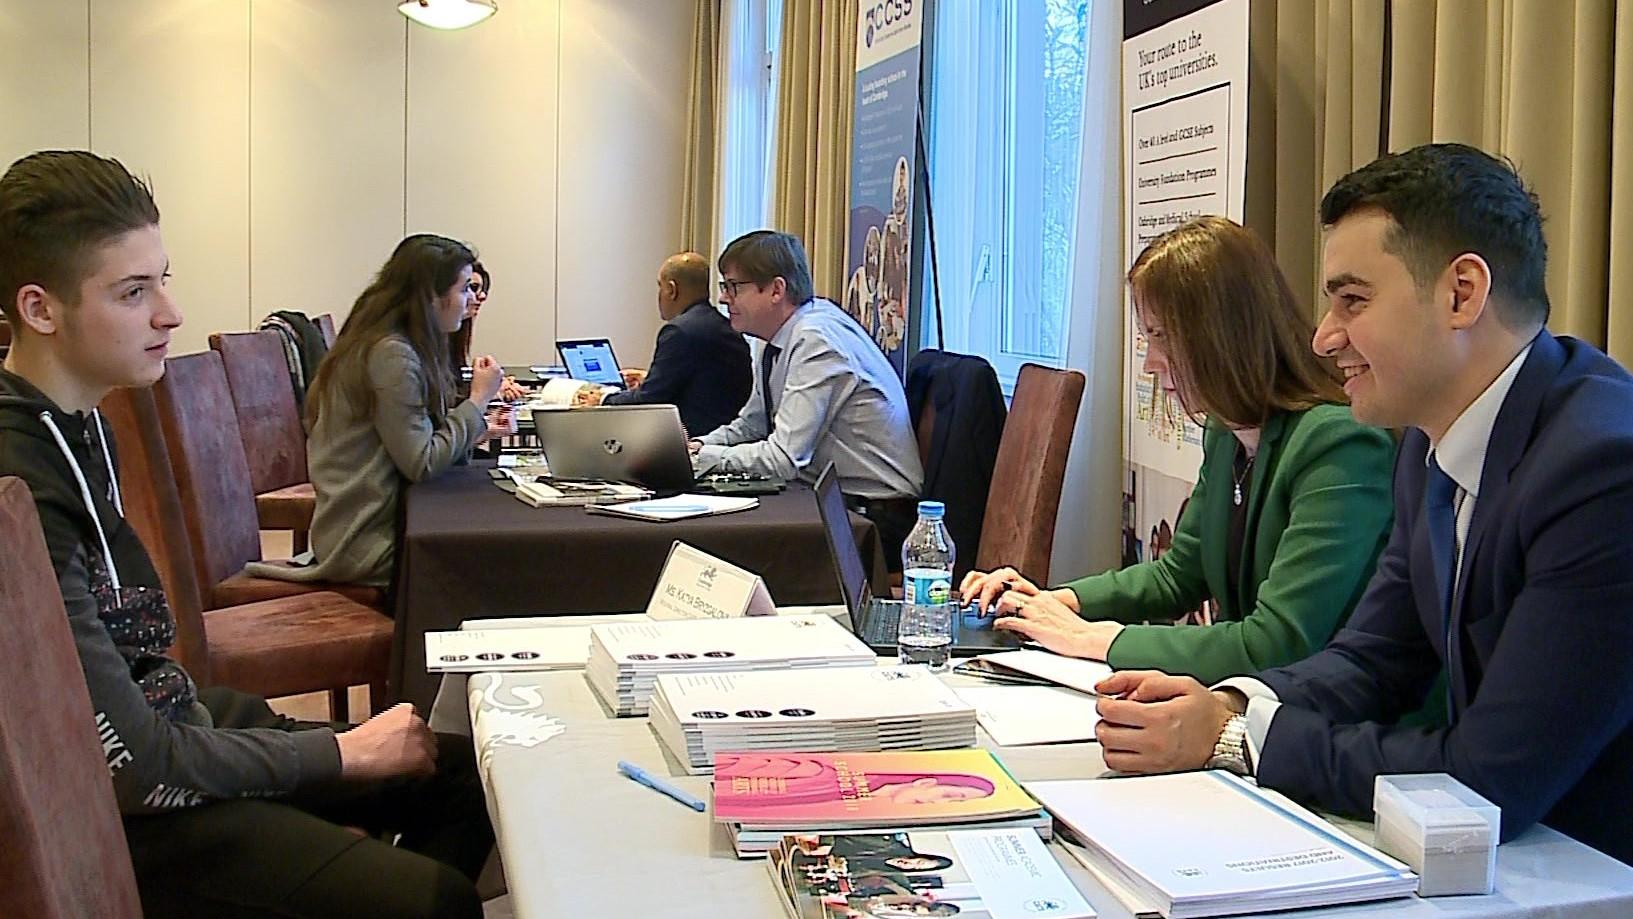 Mundësi për të rinjtë shqiptarë që të studiojnë në Cardiff